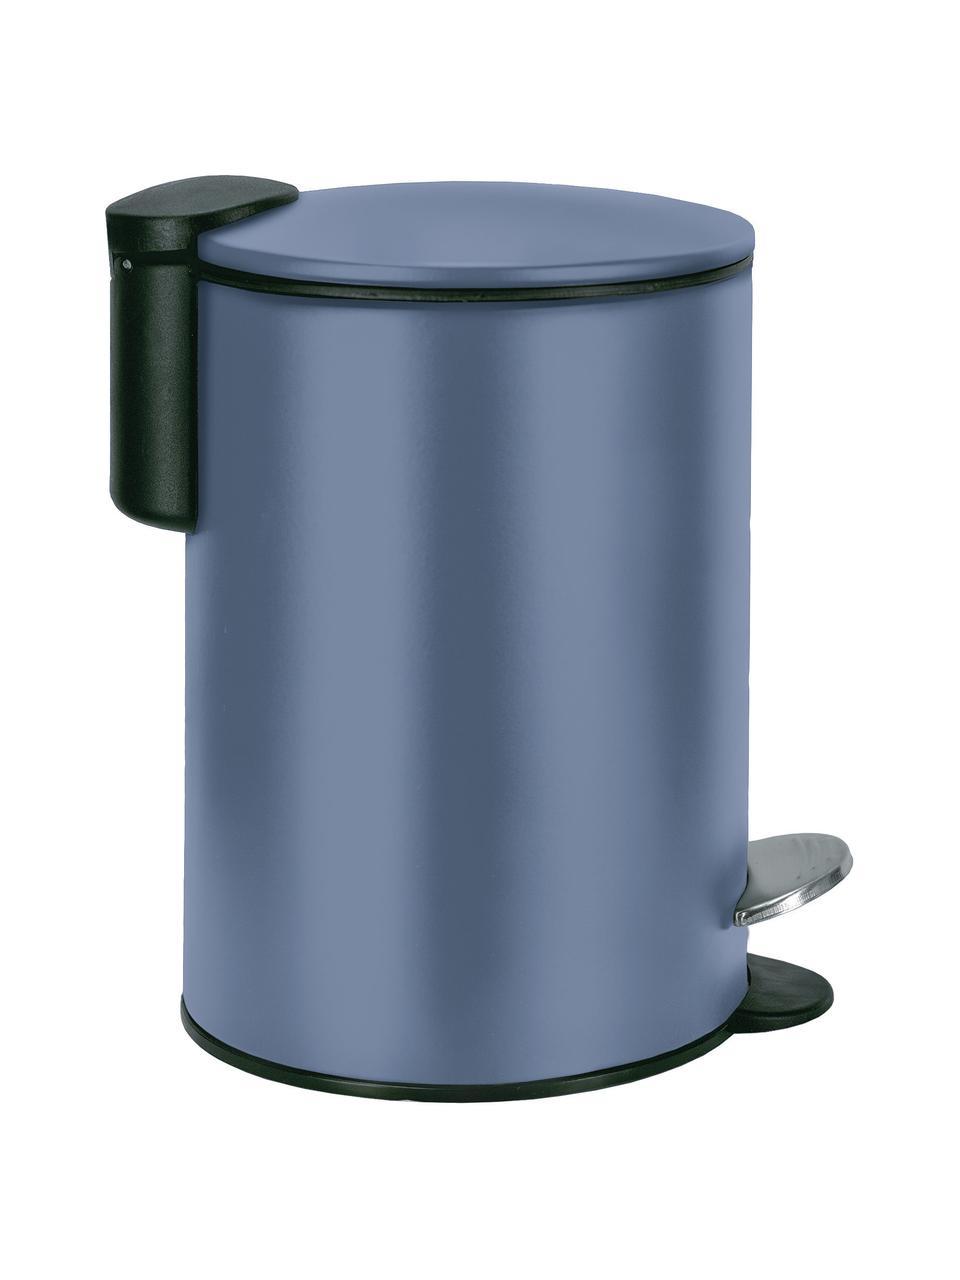 Pattumiera con pedale Silence, Metallo verniciato, Blu scuro, Ø 17 x Alt. 24 cm